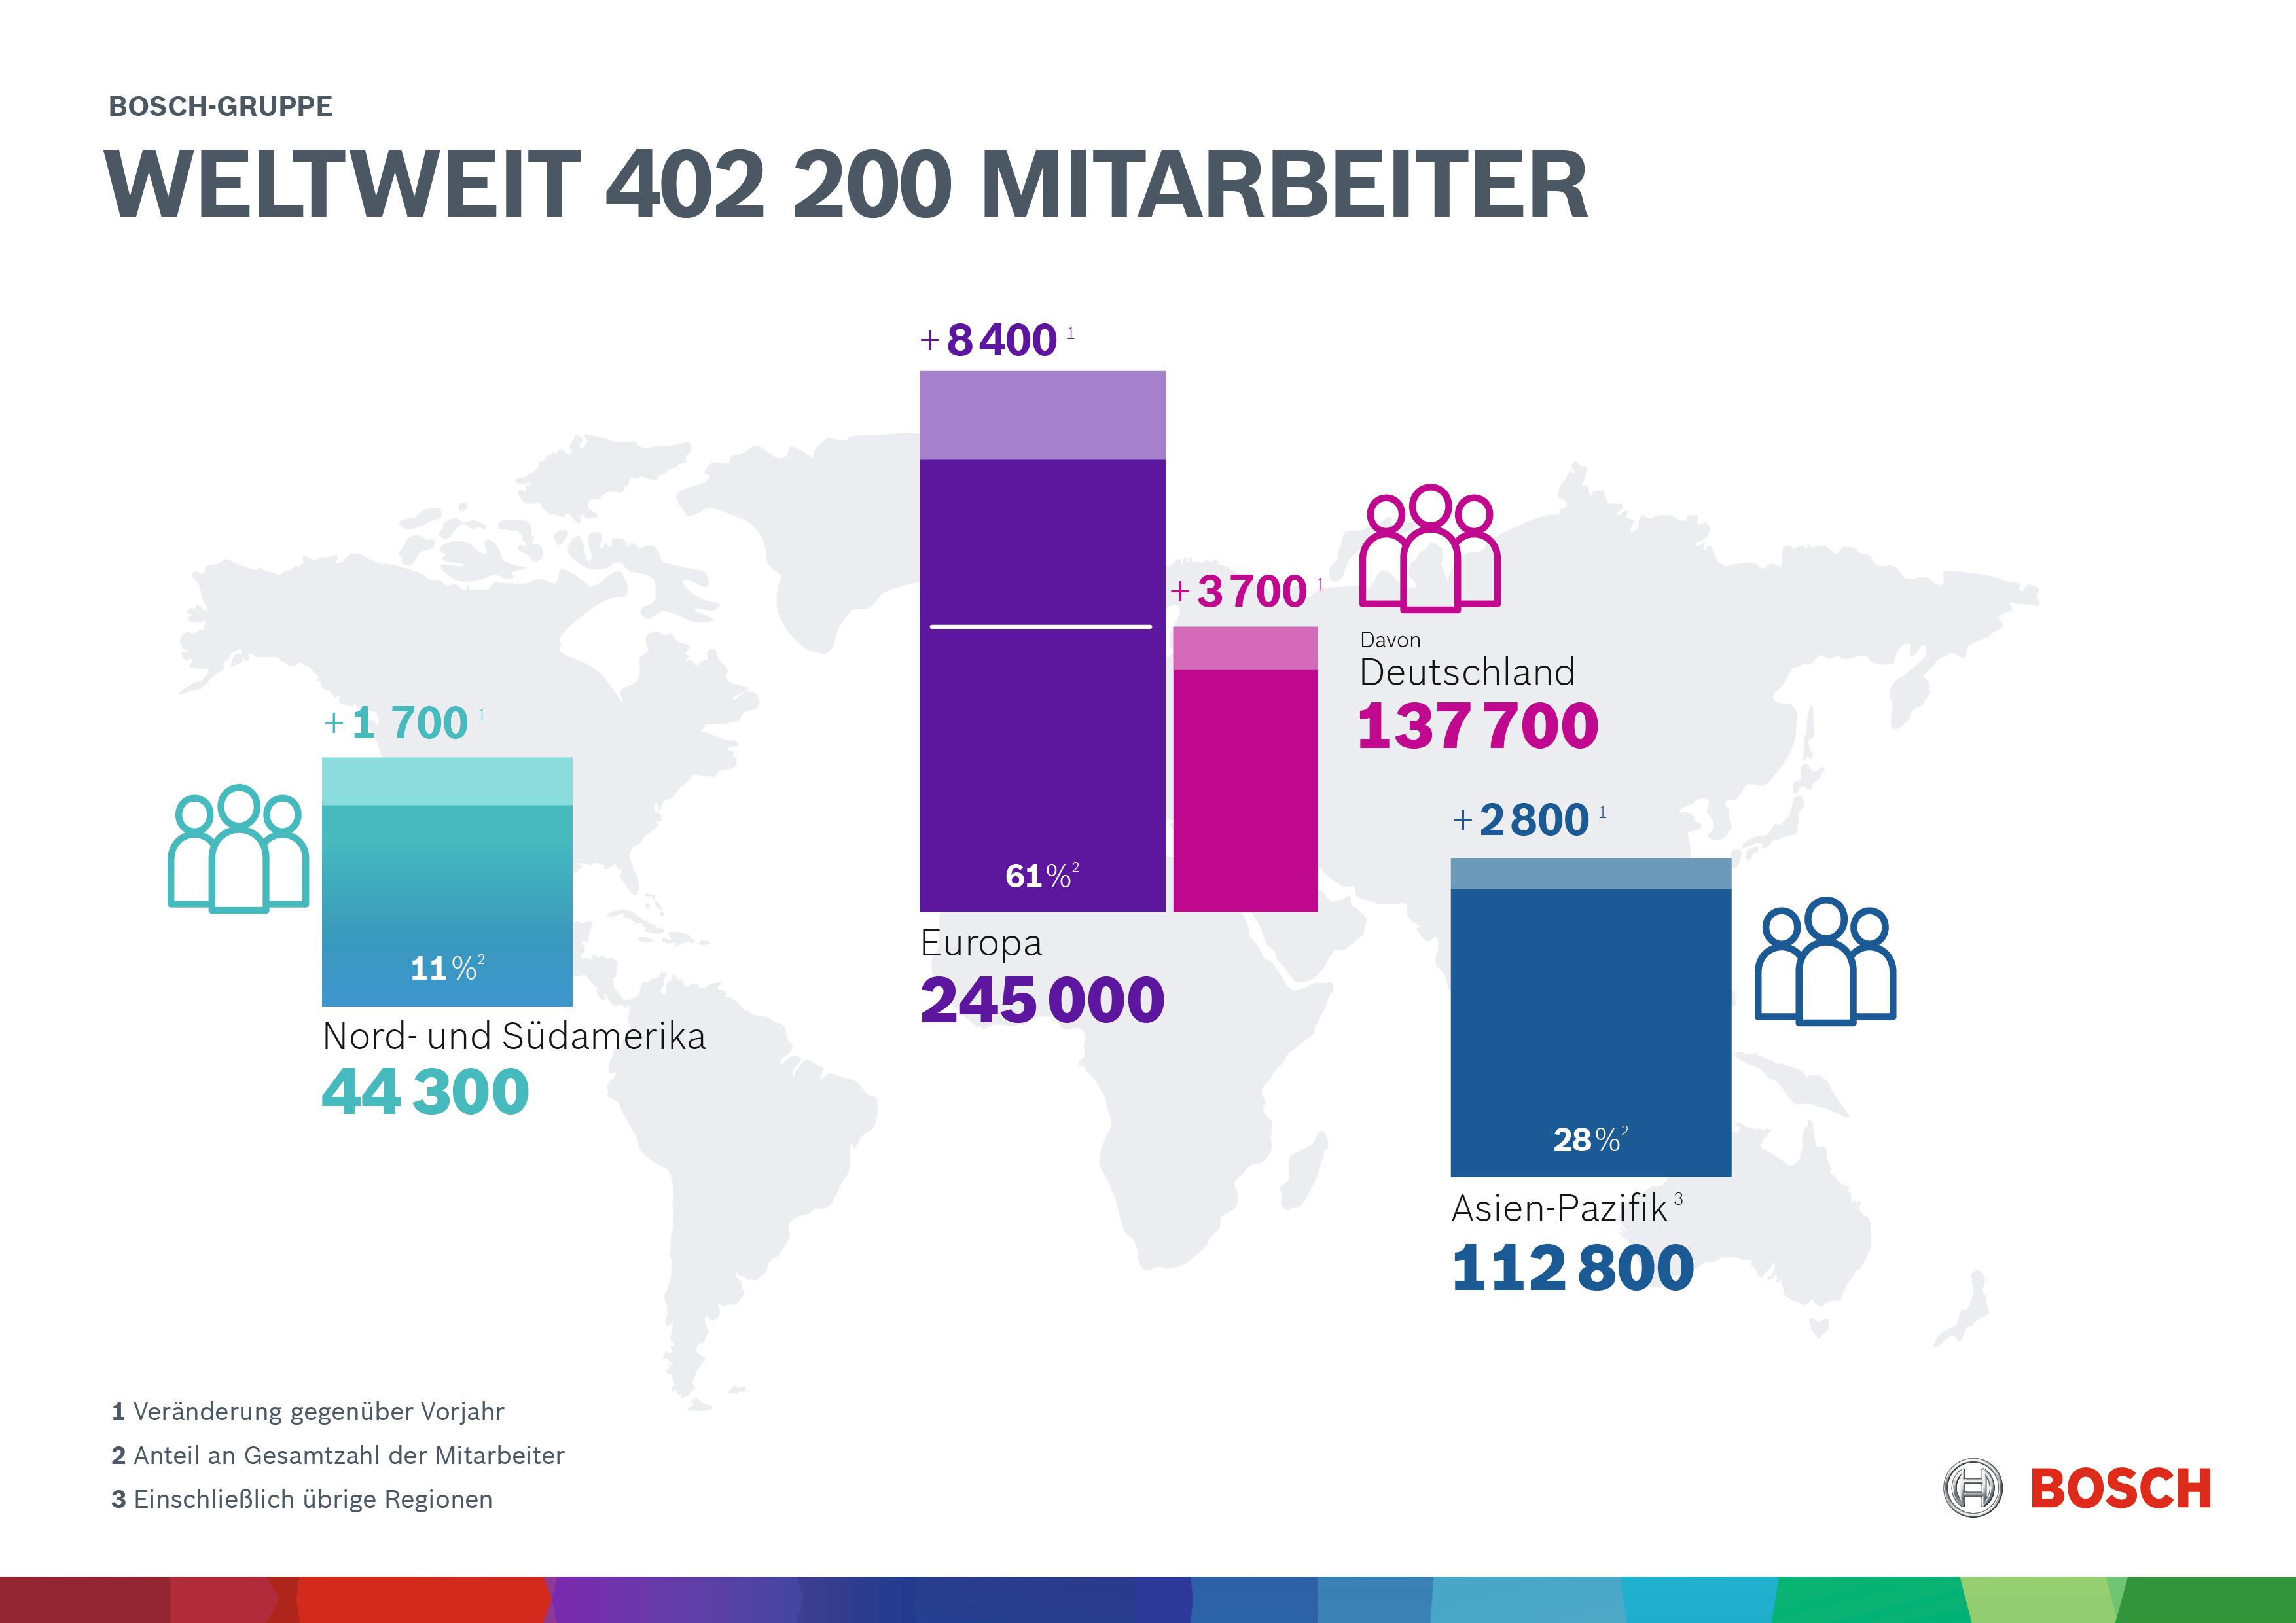 Weltweit rund 402 200 Mitarbeiter